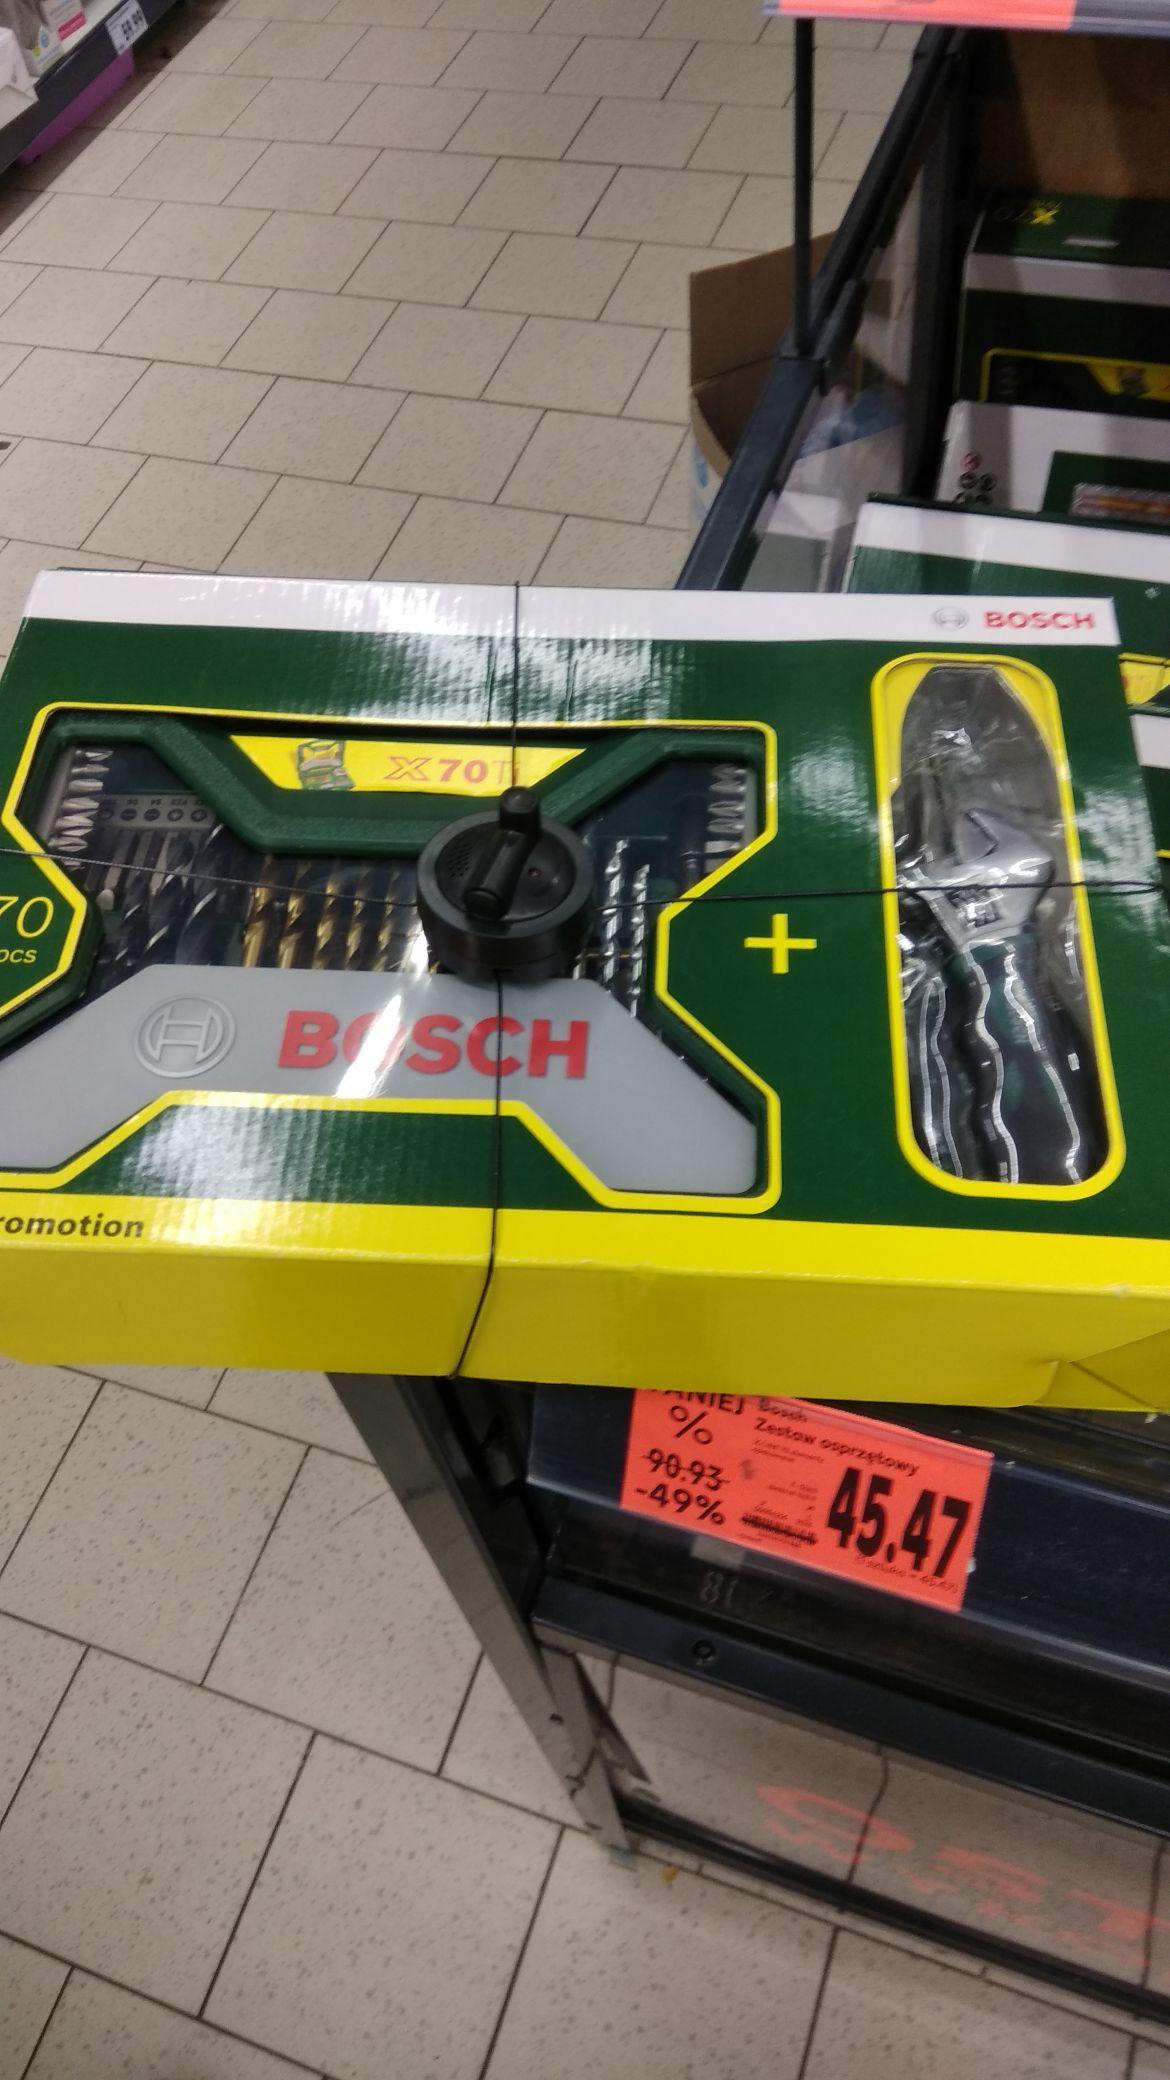 Bosch X70Ti zestaw osprzętowy. Kaufland.